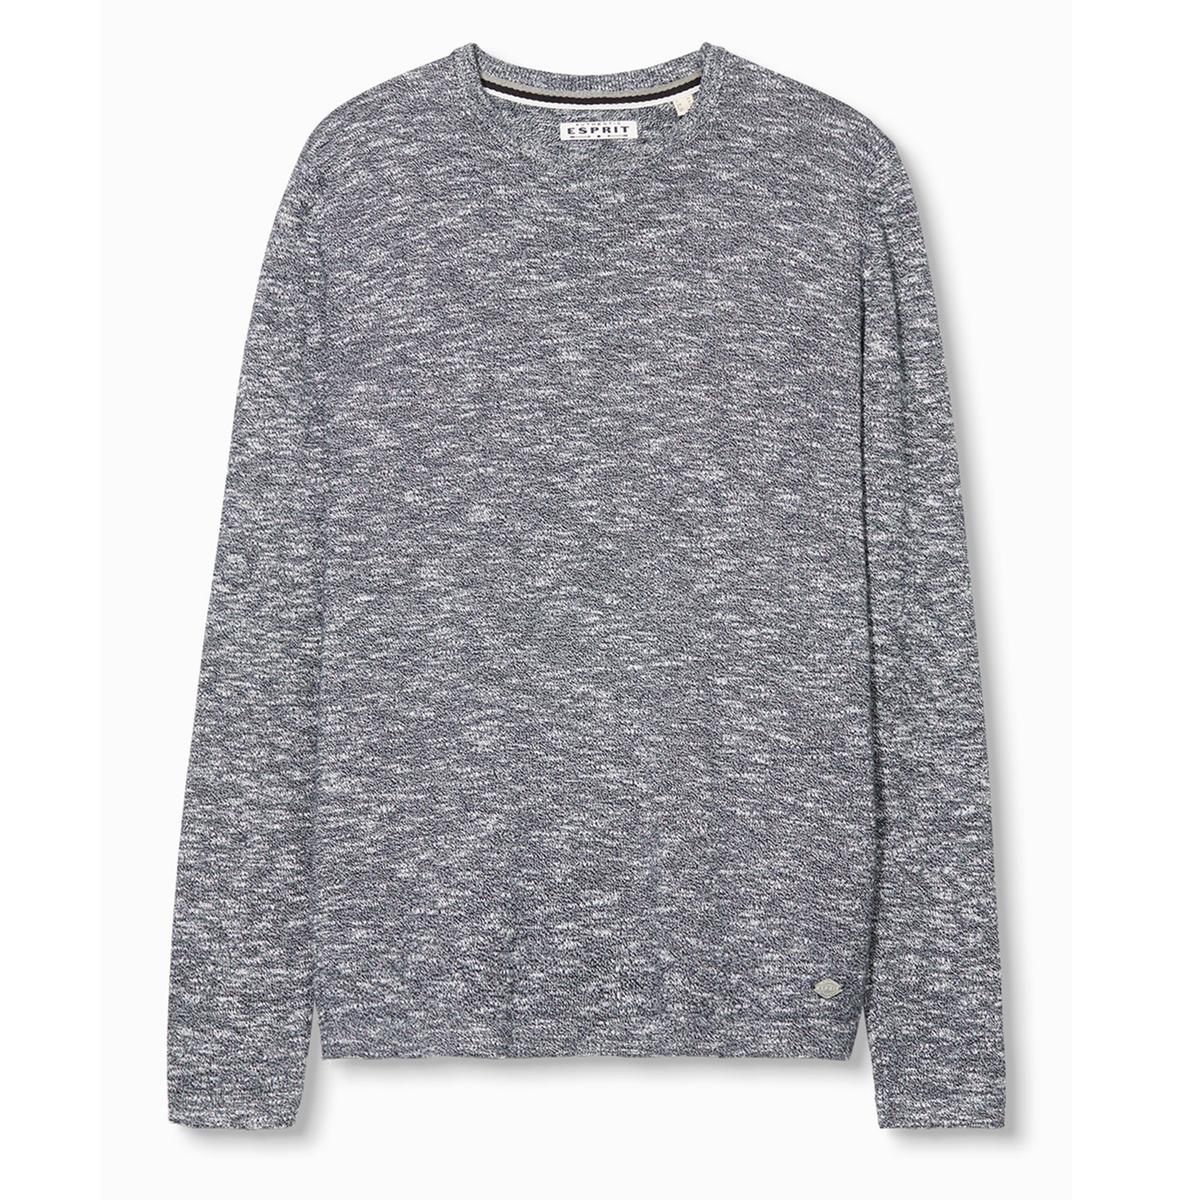 Пуловер из трикотажа мулинеСостав и описание:Материал: 100% хлопка.Марка: ESPRIT.<br><br>Цвет: темно-синий<br>Размер: L